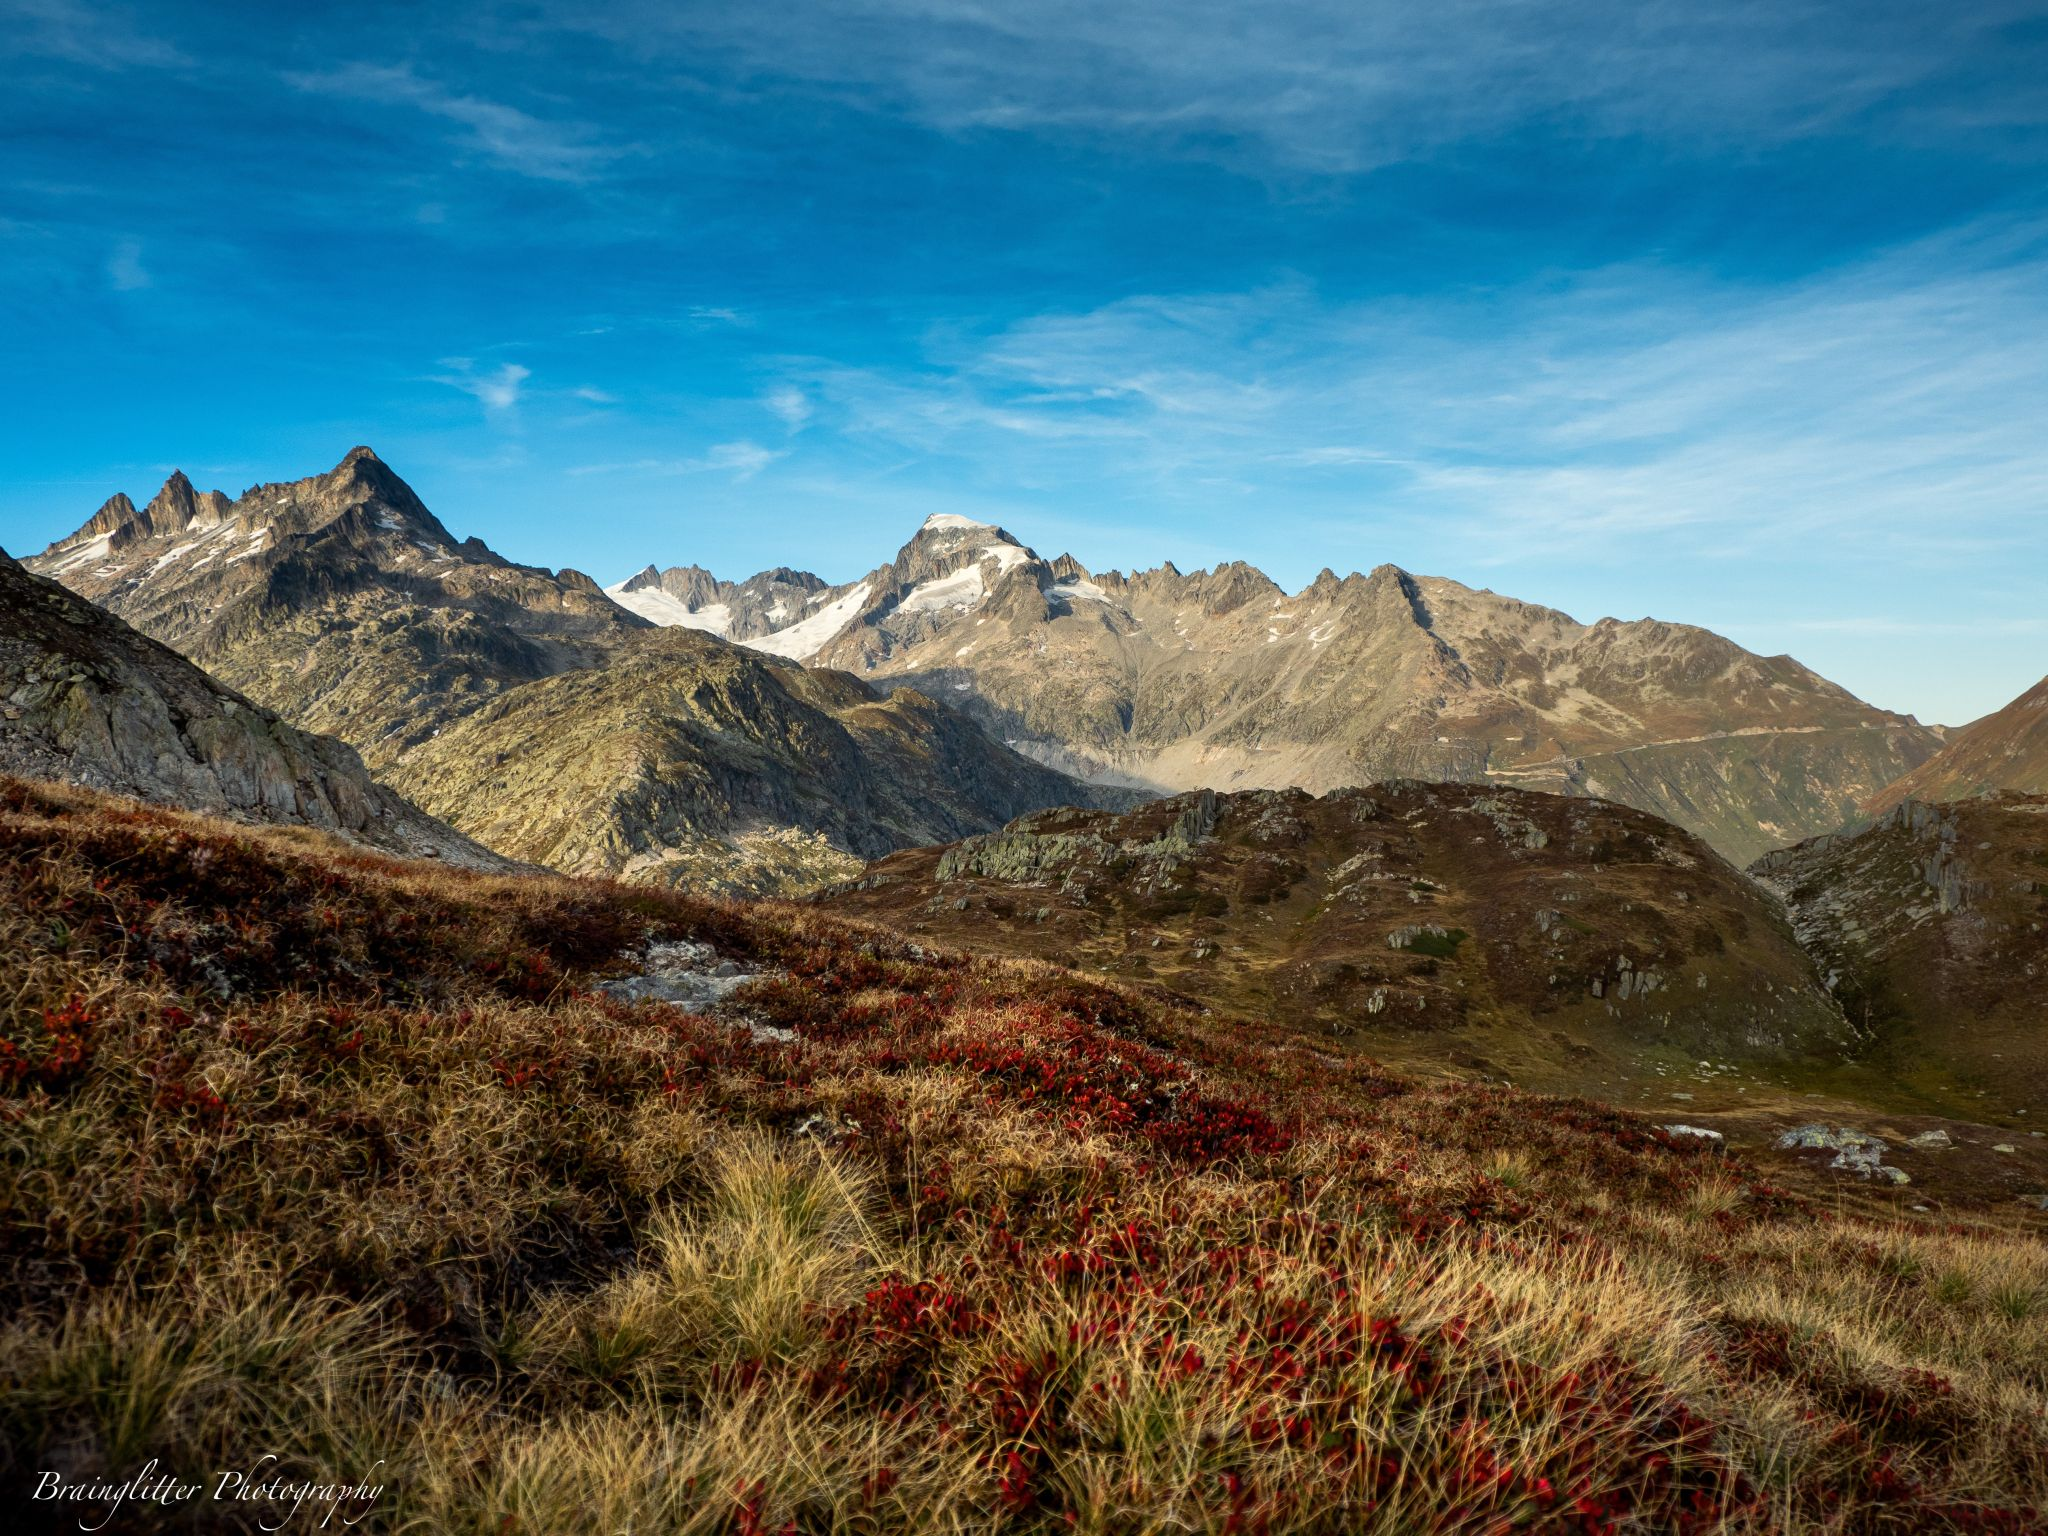 Grimselpass, Switzerland